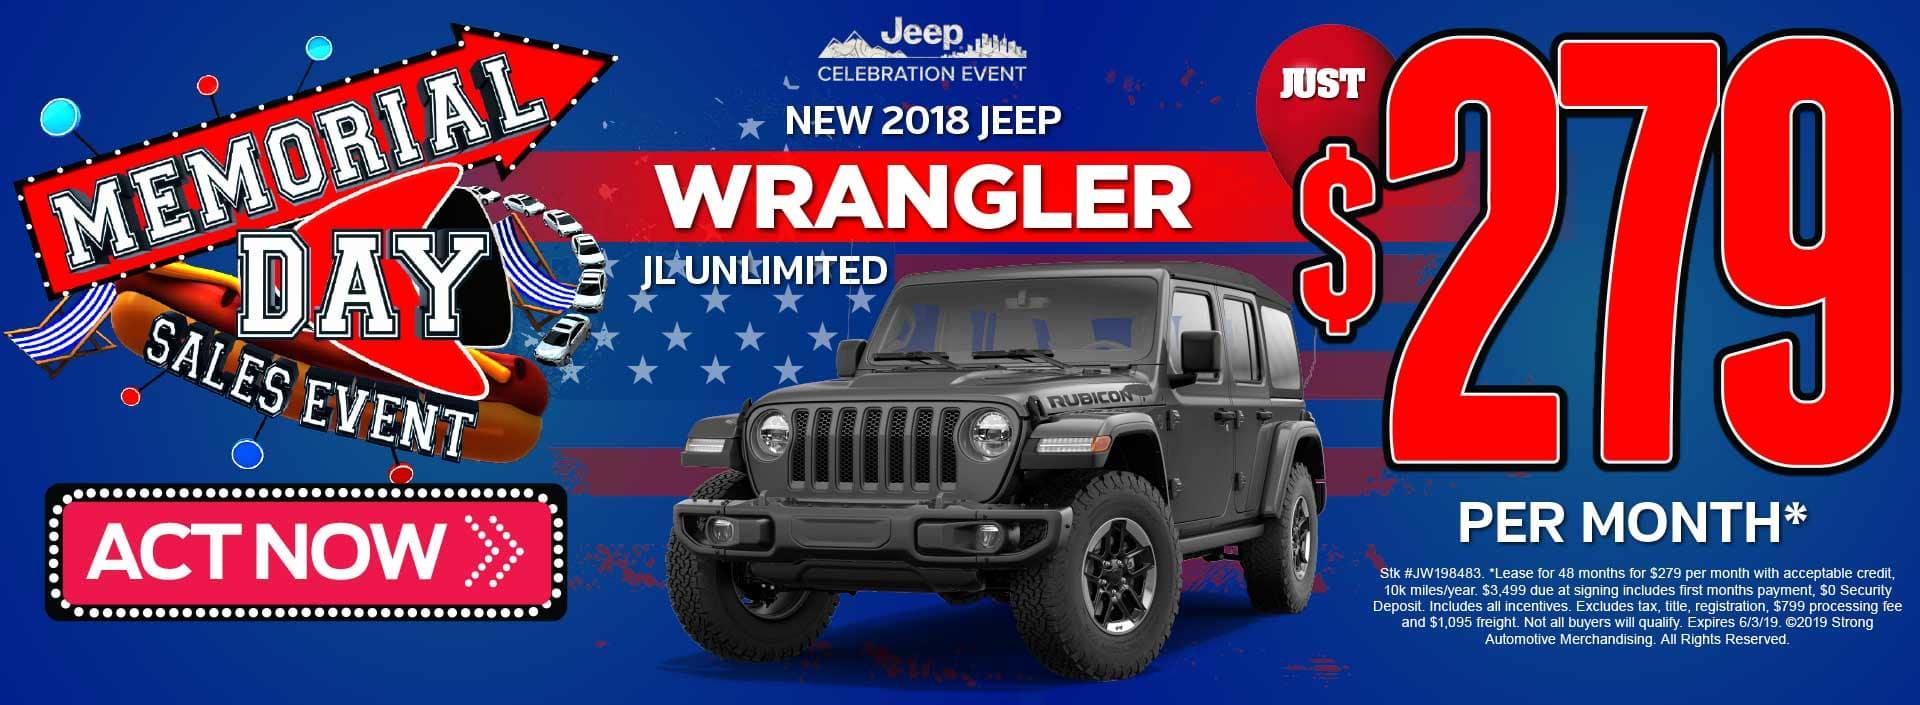 Wrangler offer